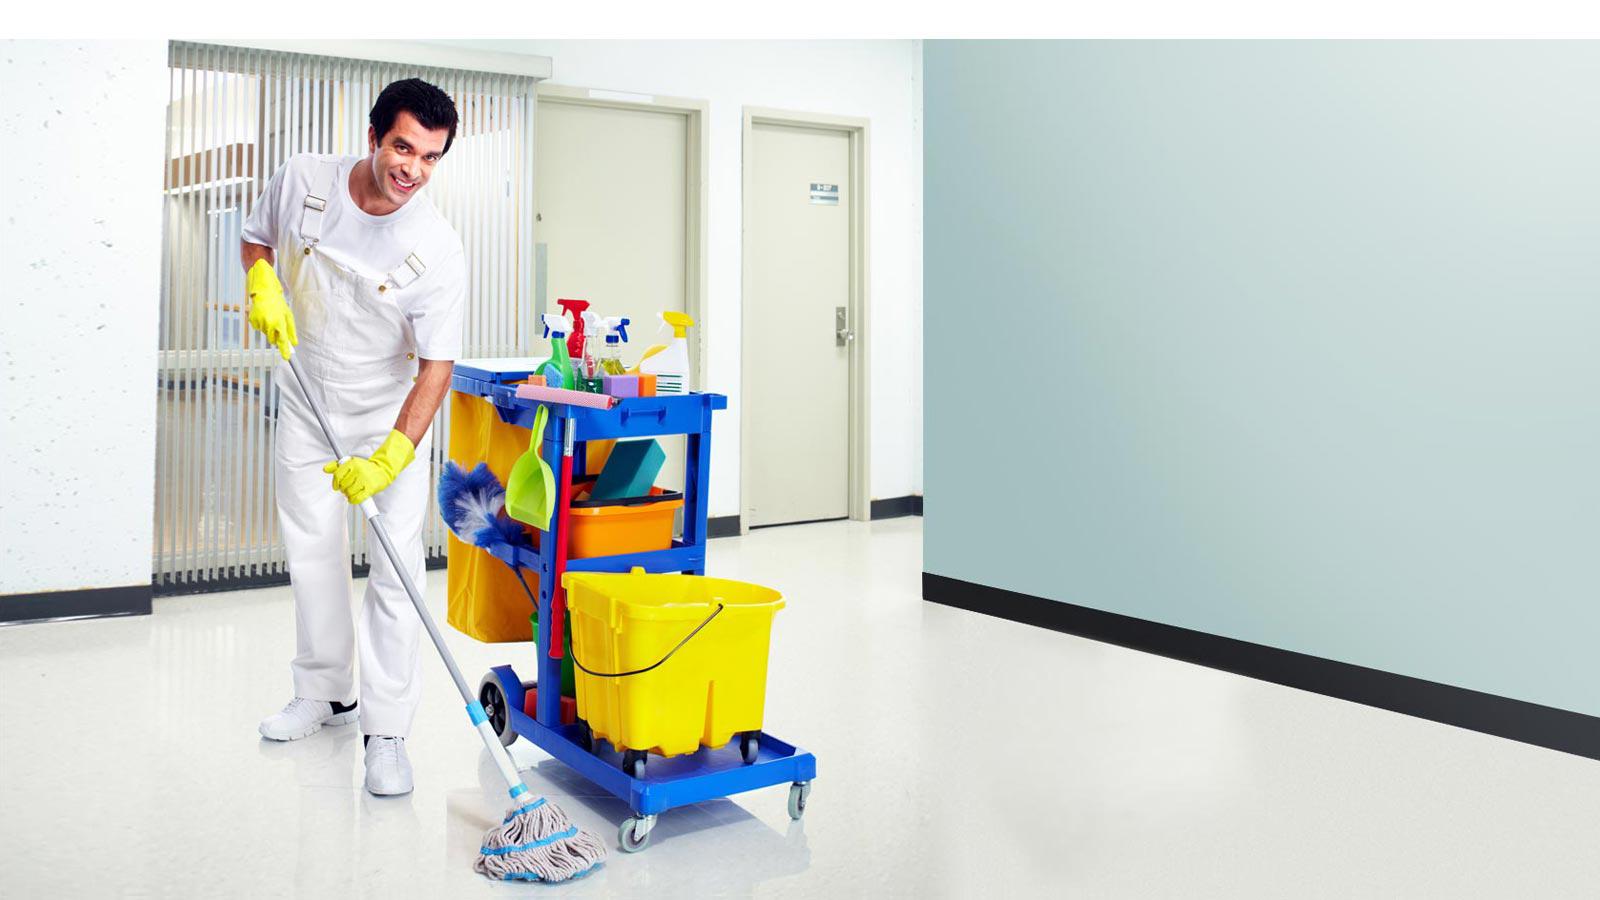 nombres para empresas de limpieza, empresa de limpieza, nombres para negocio de limpieza